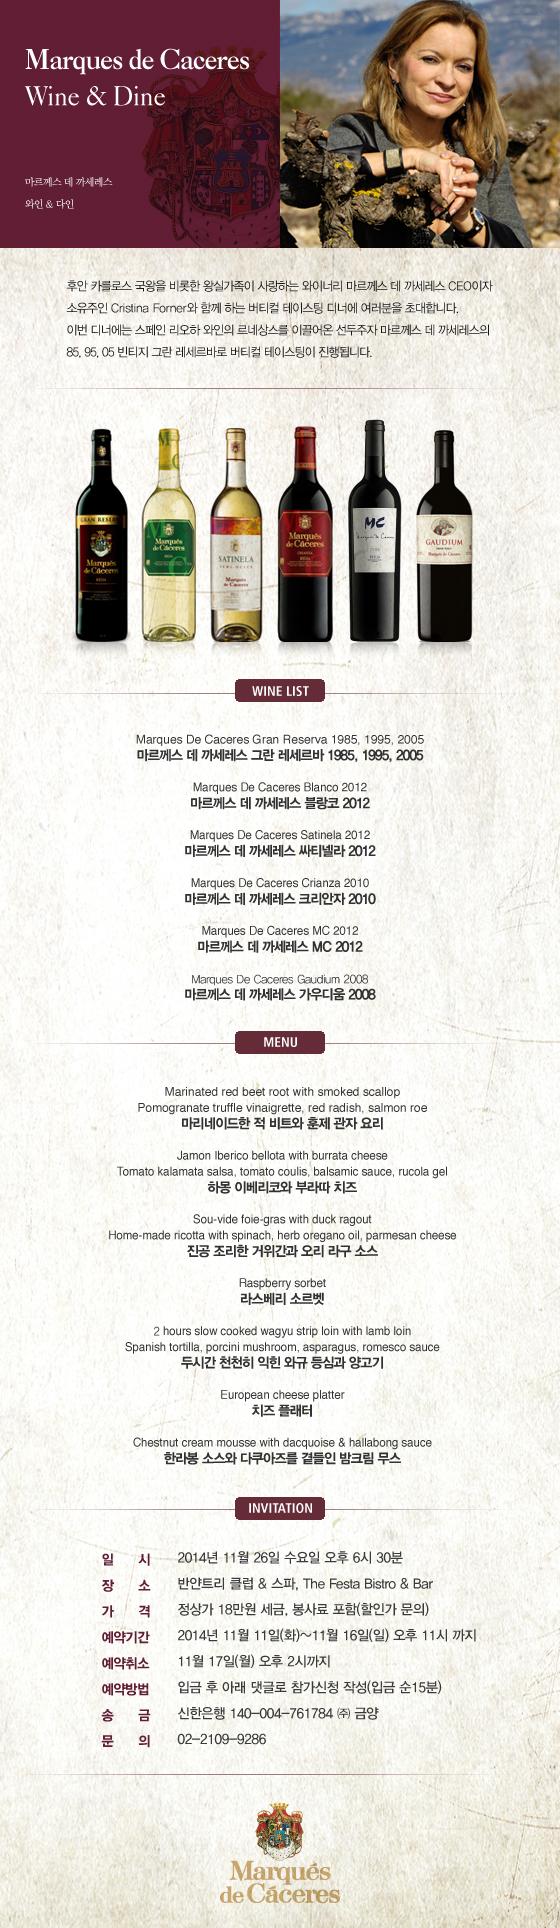 [금양인터내셔날]마르께스 데 까세레스 와인&다인.jpg